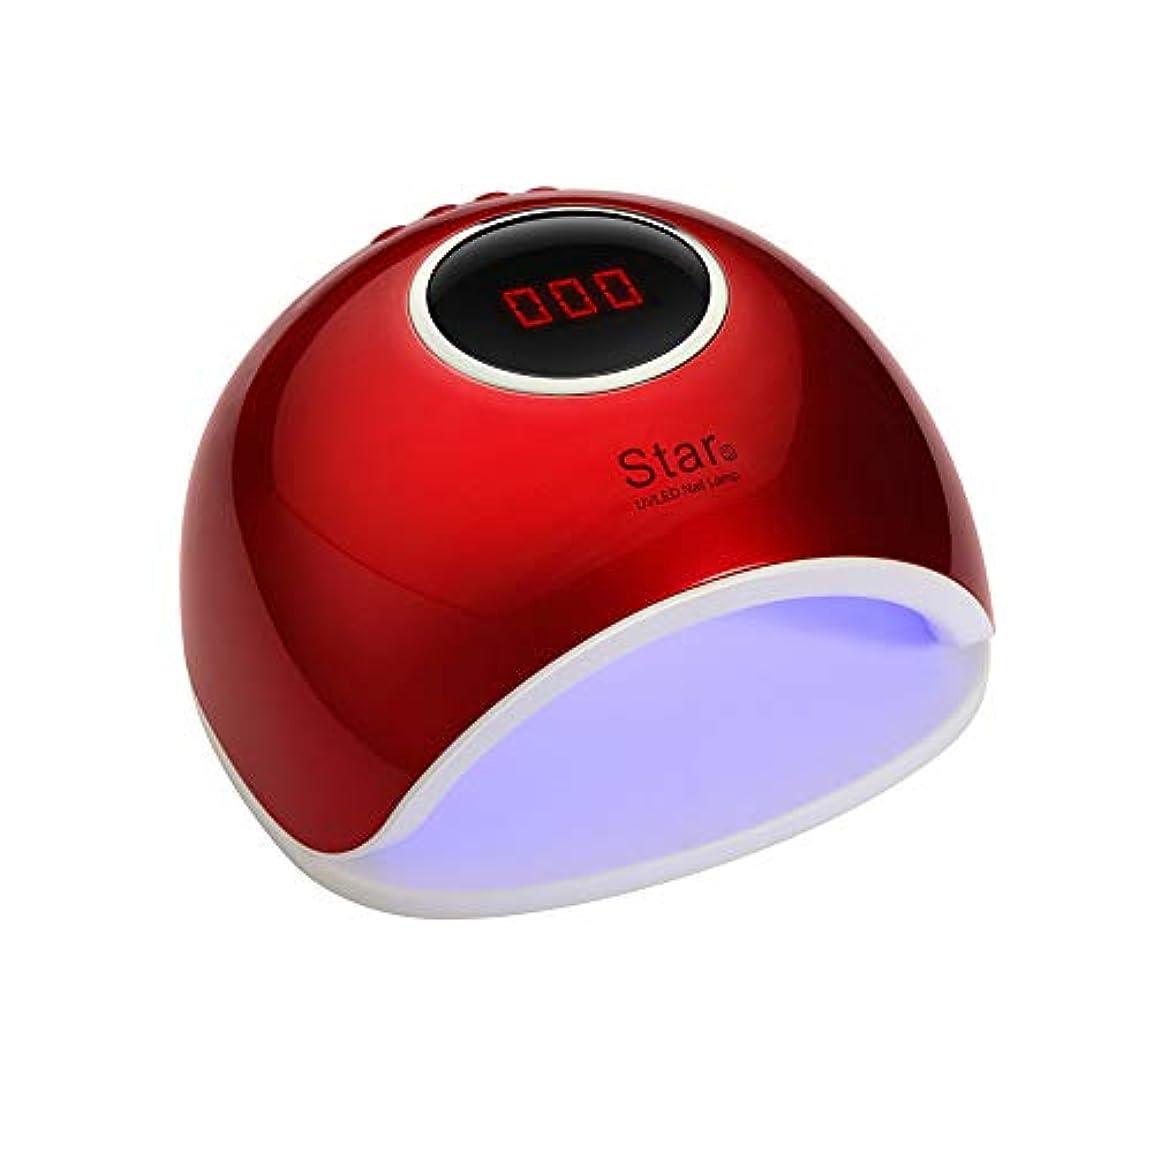 と闘うコンテンポラリー脆い家の修理初心者ネイルスマート光療法機72ワットスマート誘導無痛マニキュアドライヤーネイルポリッシュグルーライト速乾性ネイルランプ